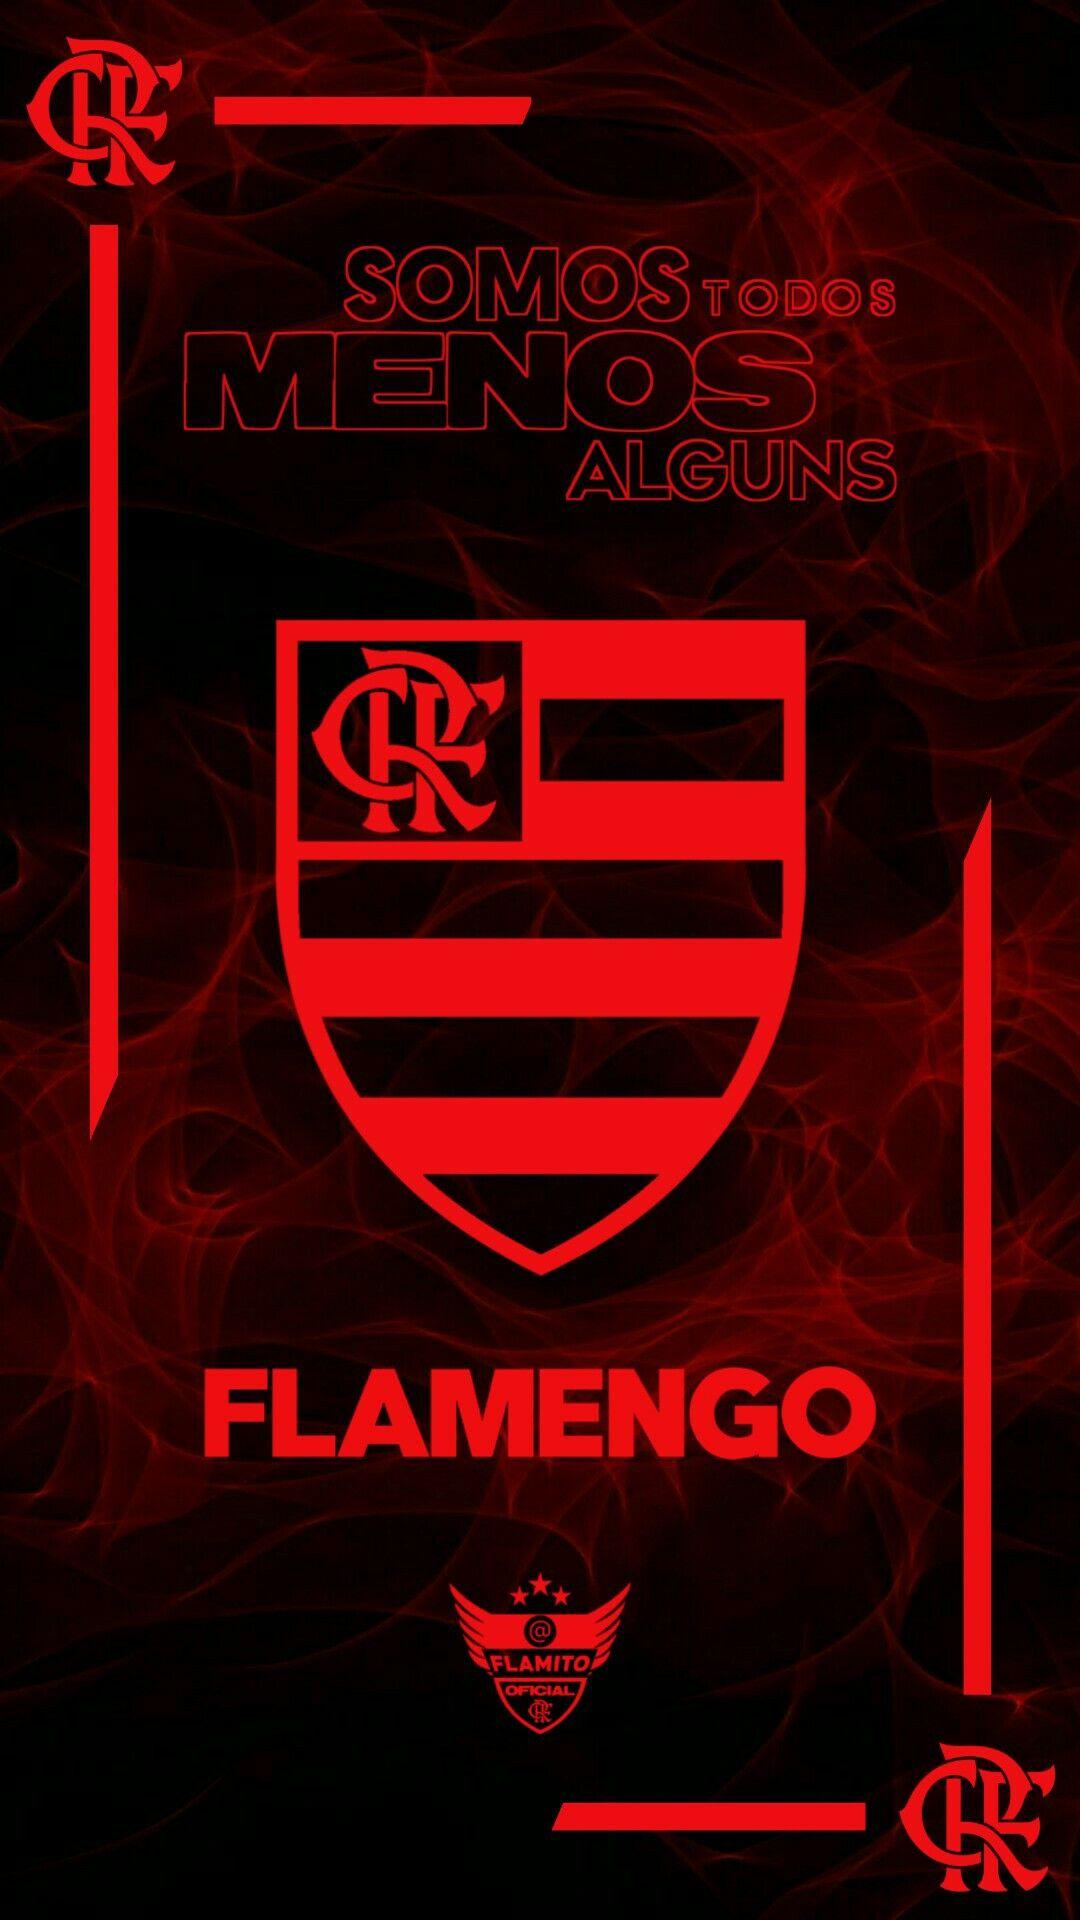 Pin De Flamito Oficial Em Mengao Em 2020 Fotos De Flamengo